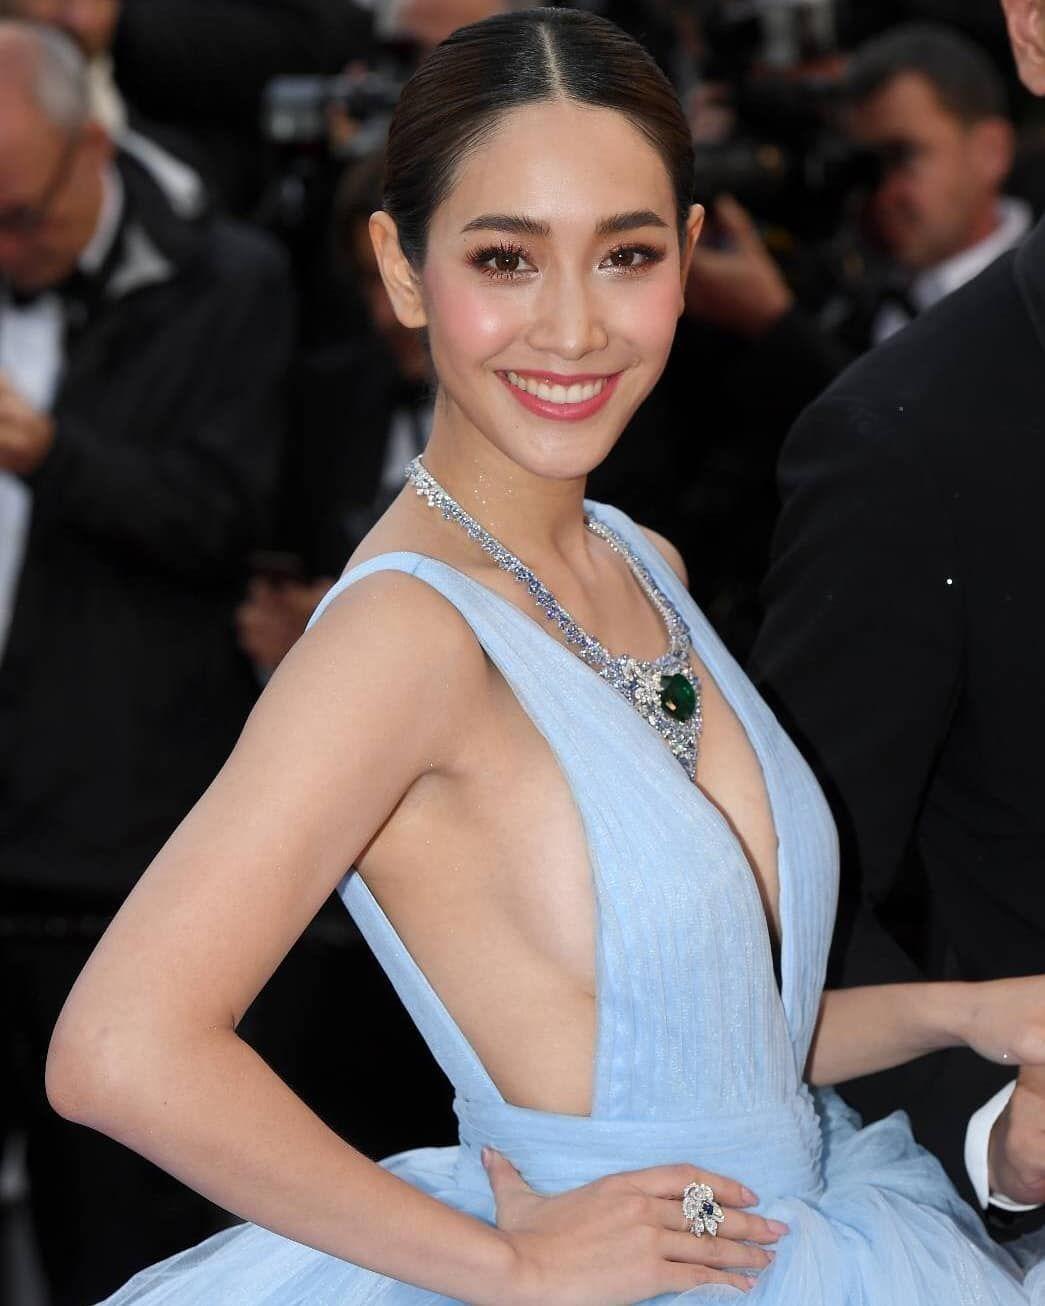 ม น พ ชญา ว ฒนามนตร ก บการเฉ ดฉายบนพรมแดงเทศกาลภาพยนตร นานาชาต เม องคานส คร งท 72 เป นป แรก Fashion Backless Dress Formal Halter Dress